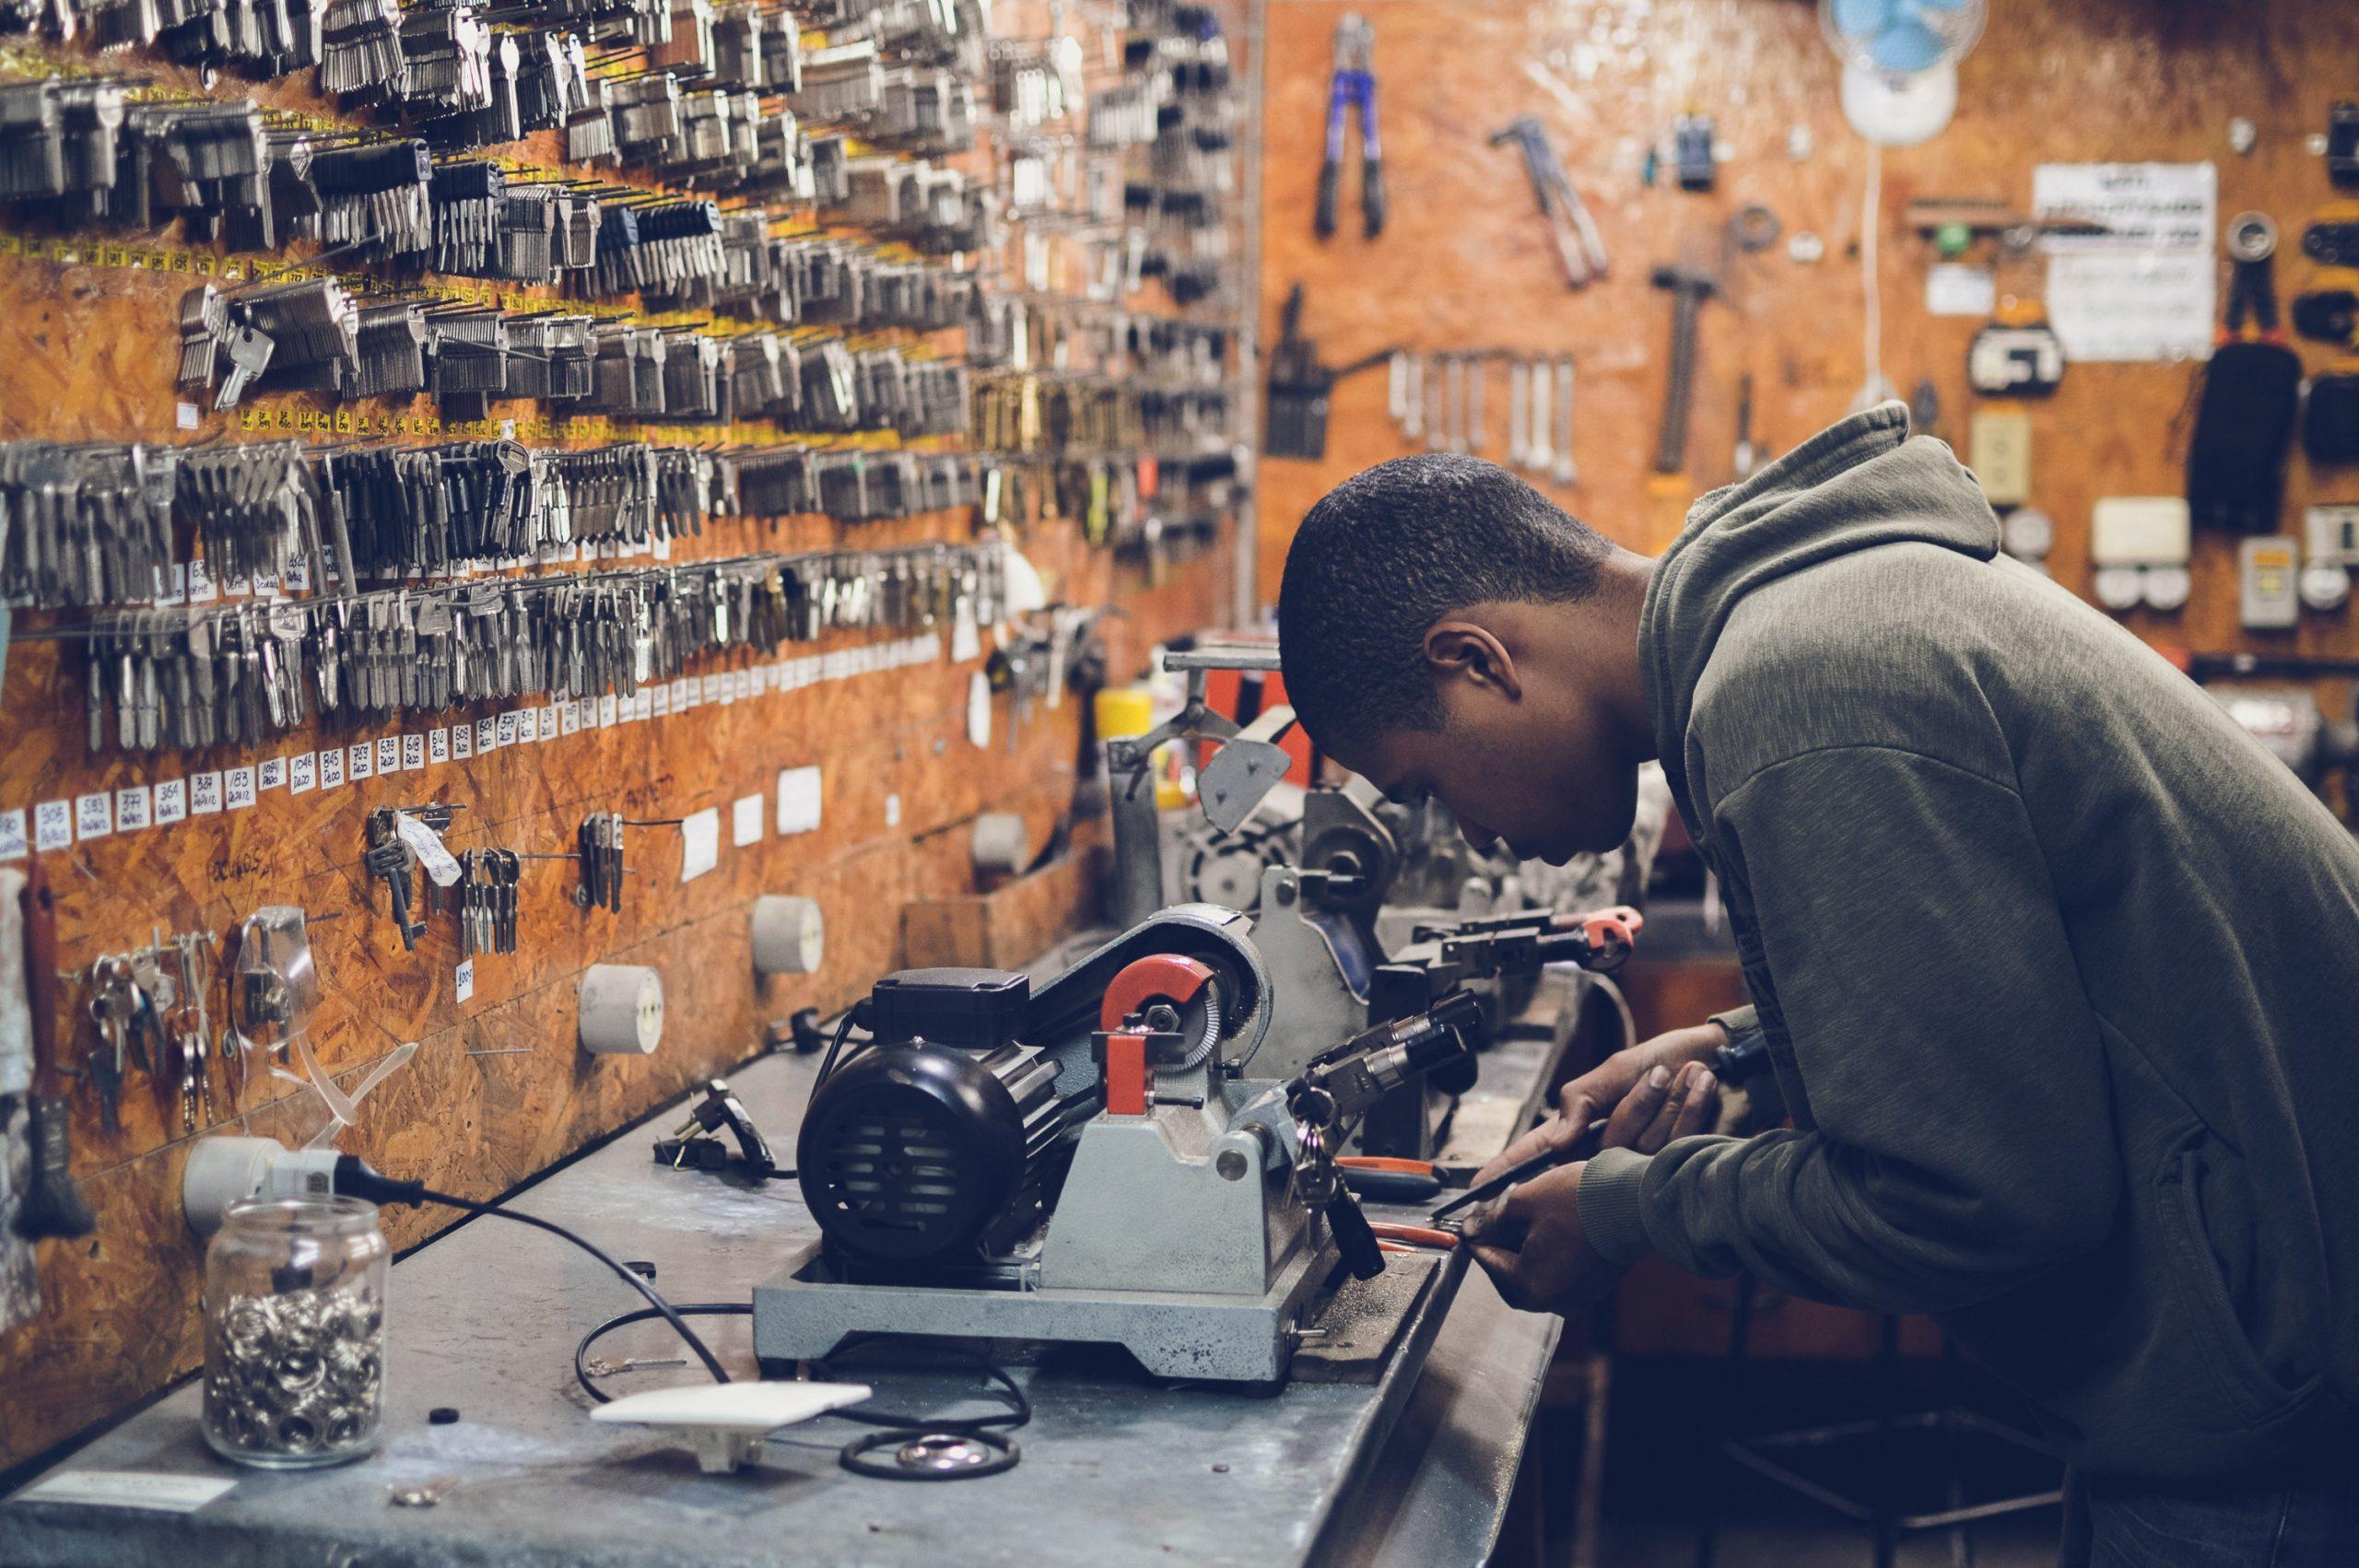 Imagem mostra um chaveiro fazendo a copia de uma chave. Ele está de cabeça baixa, em frente à uma máquina e uma parede repleta de chaves. Ao fundo, sua oficina.